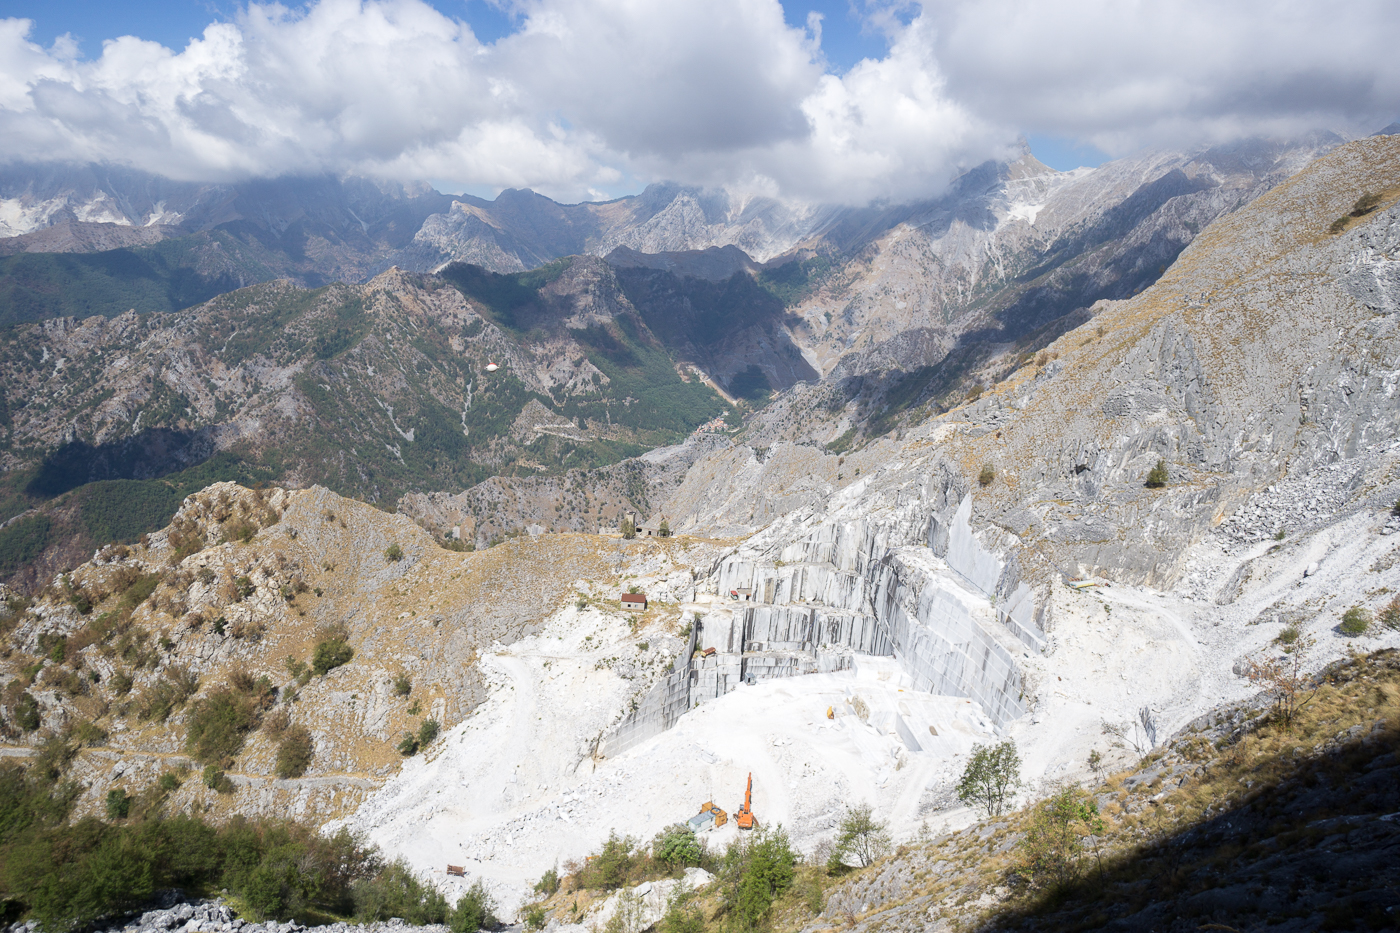 Montagnes de marbre - Alpes apuanes - Quoi faire en Toscane?